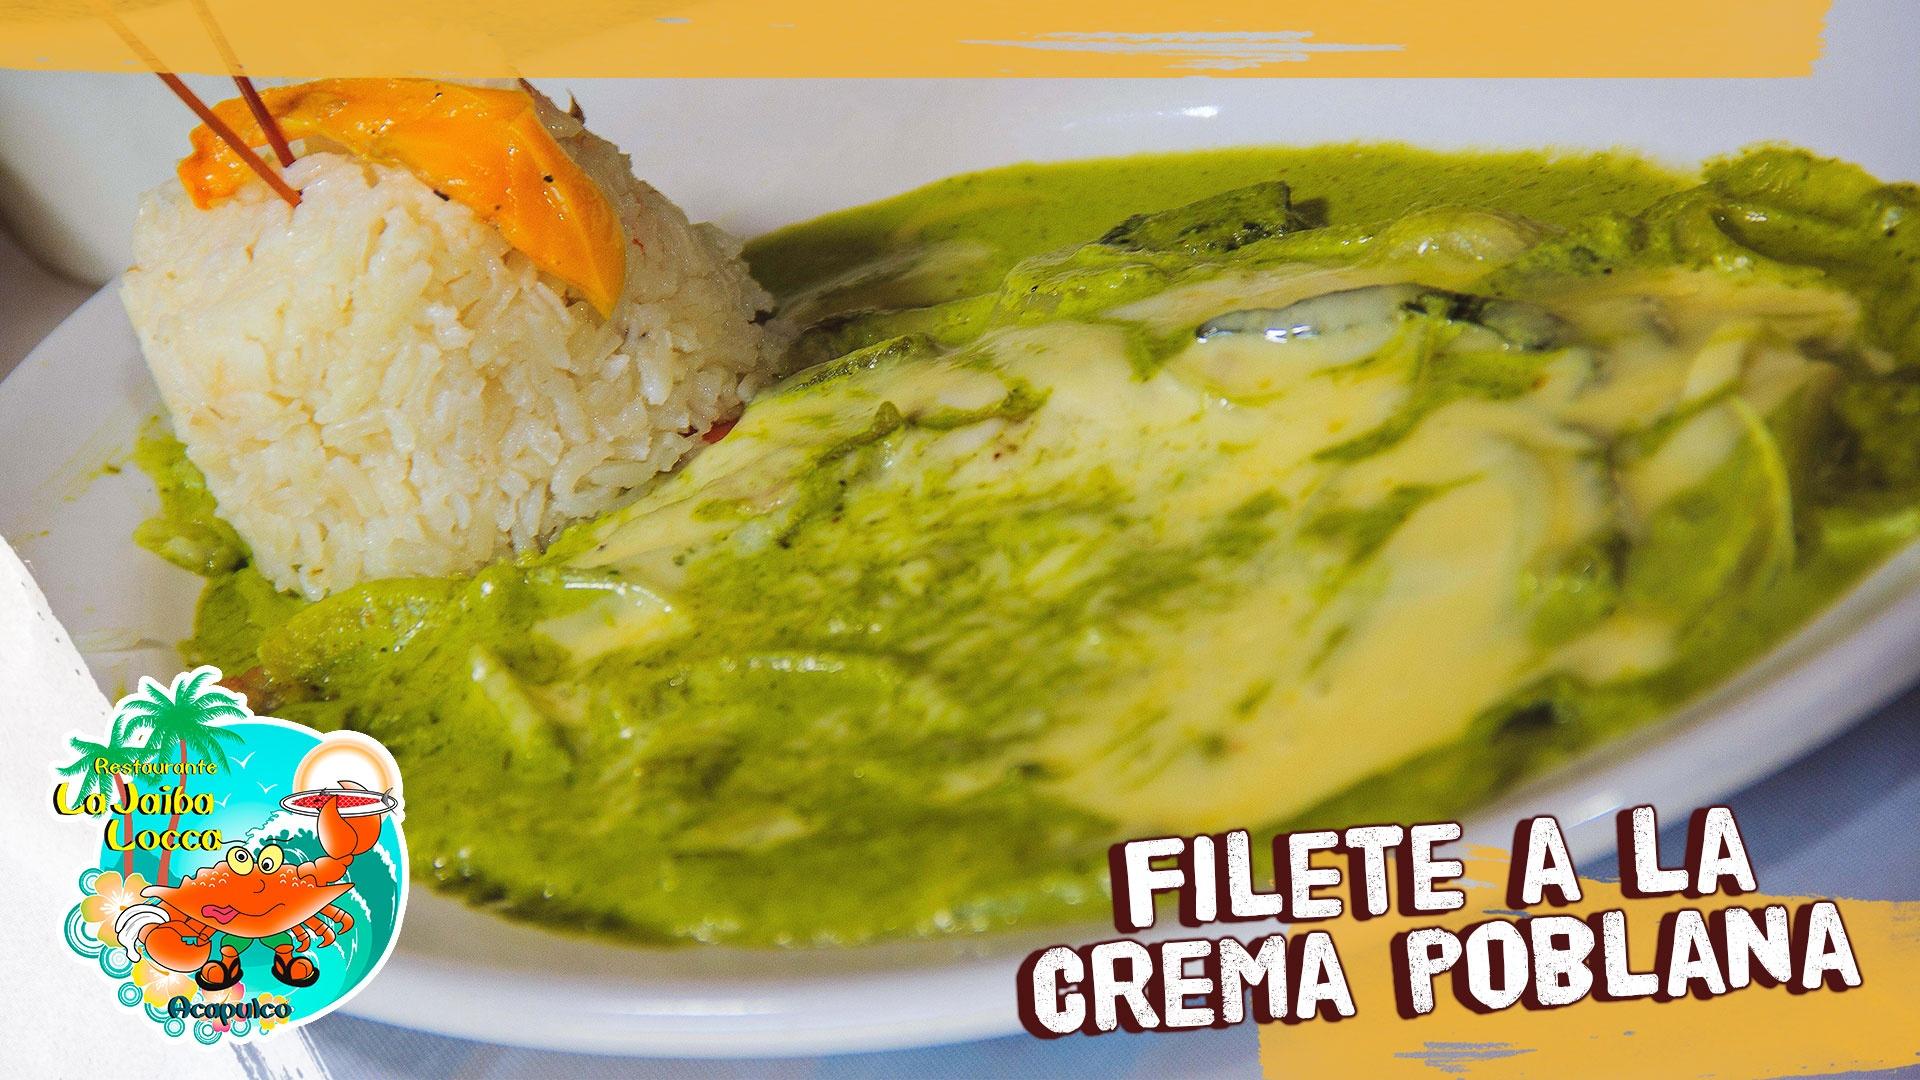 https://0201.nccdn.net/4_2/000/000/038/2d3/17-Filete-a-la-crema-poblana-1920x1080.jpg